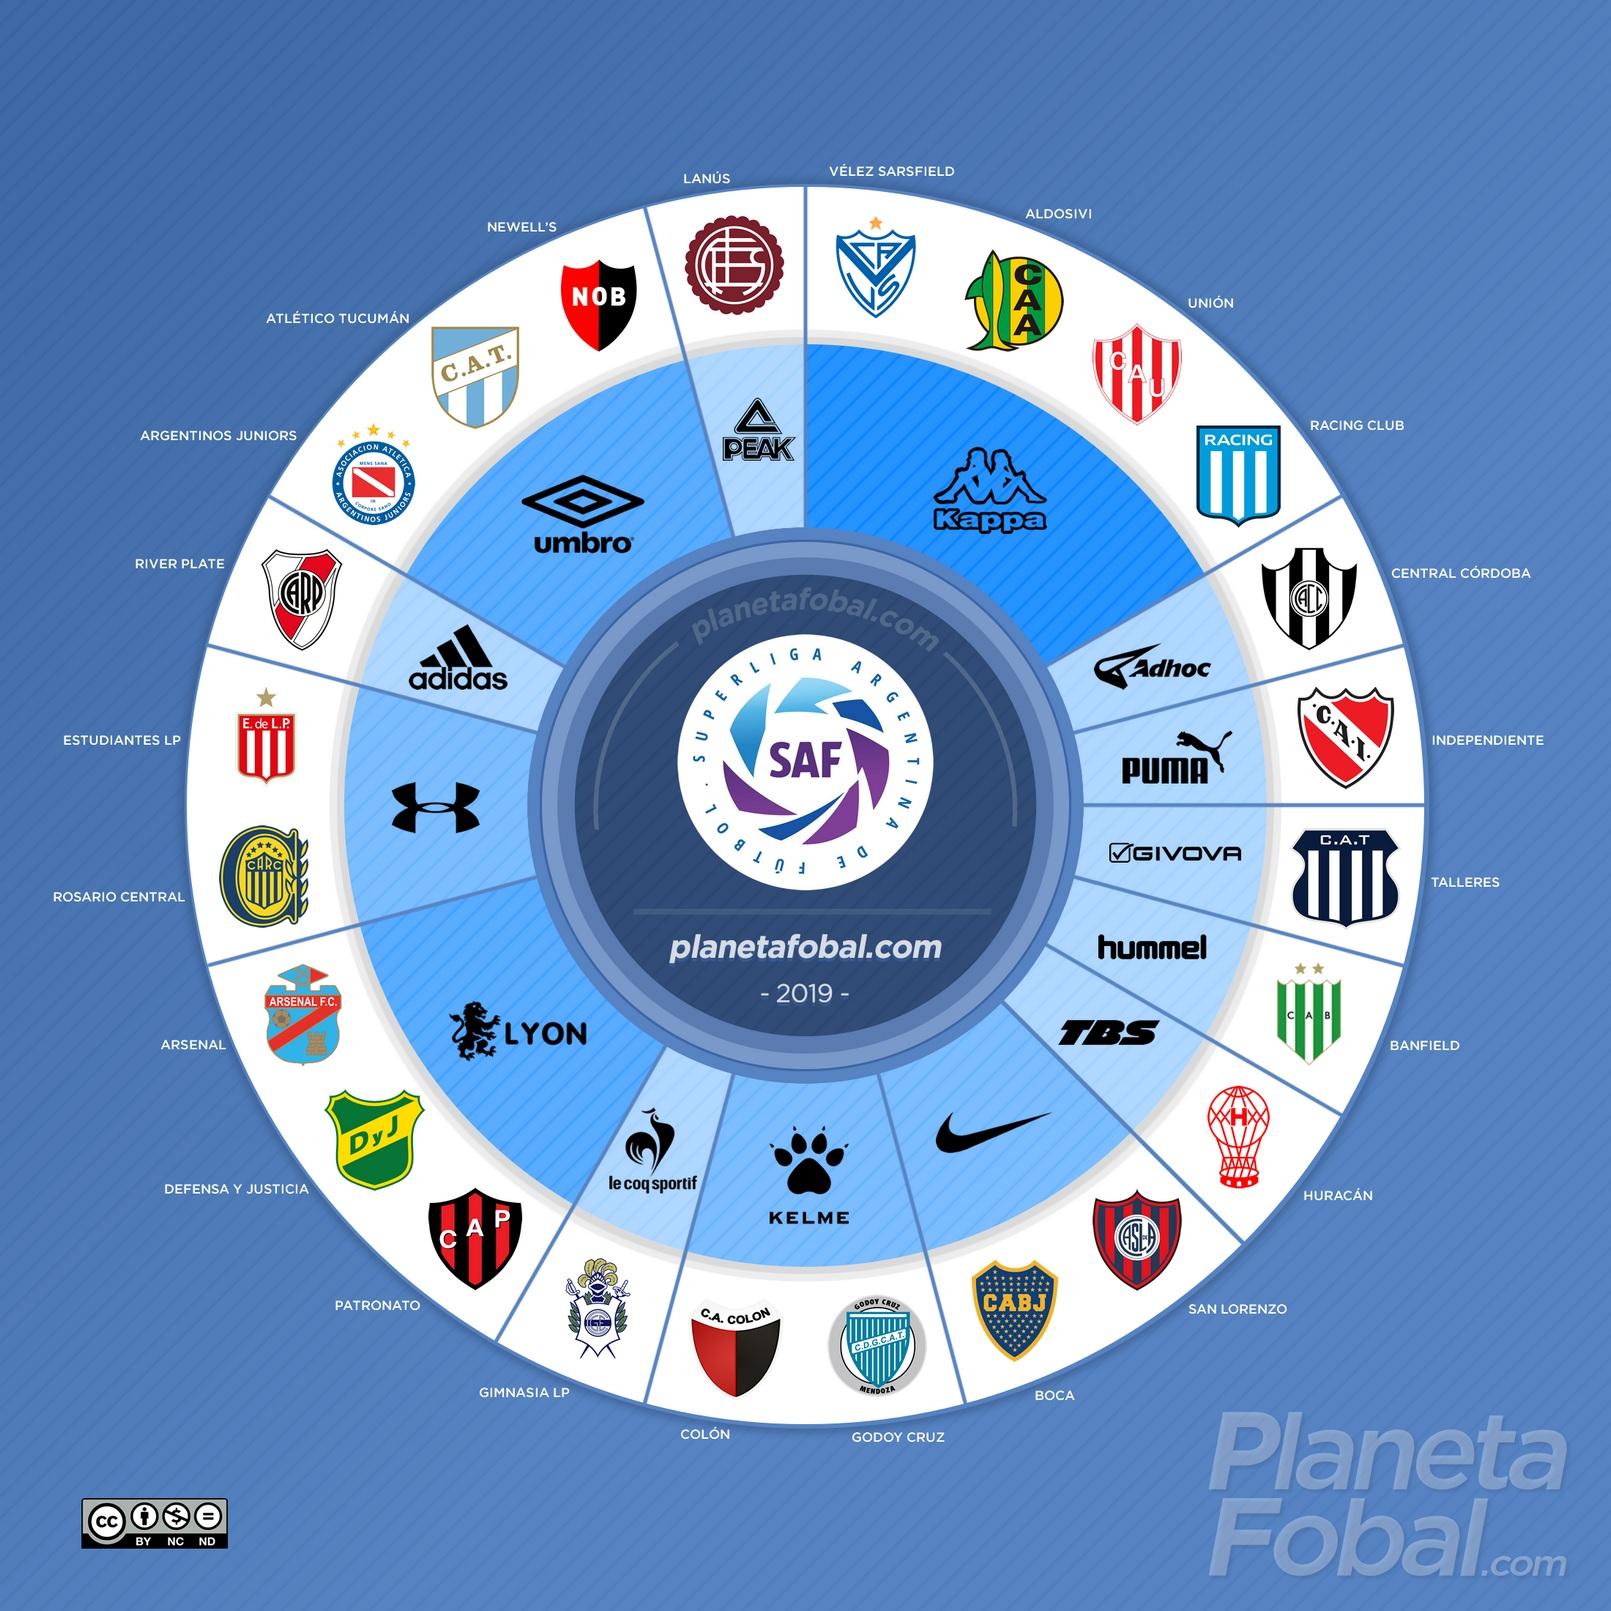 Marcas deportivas de la Superliga Argentina de Fútbol | @planetafobal